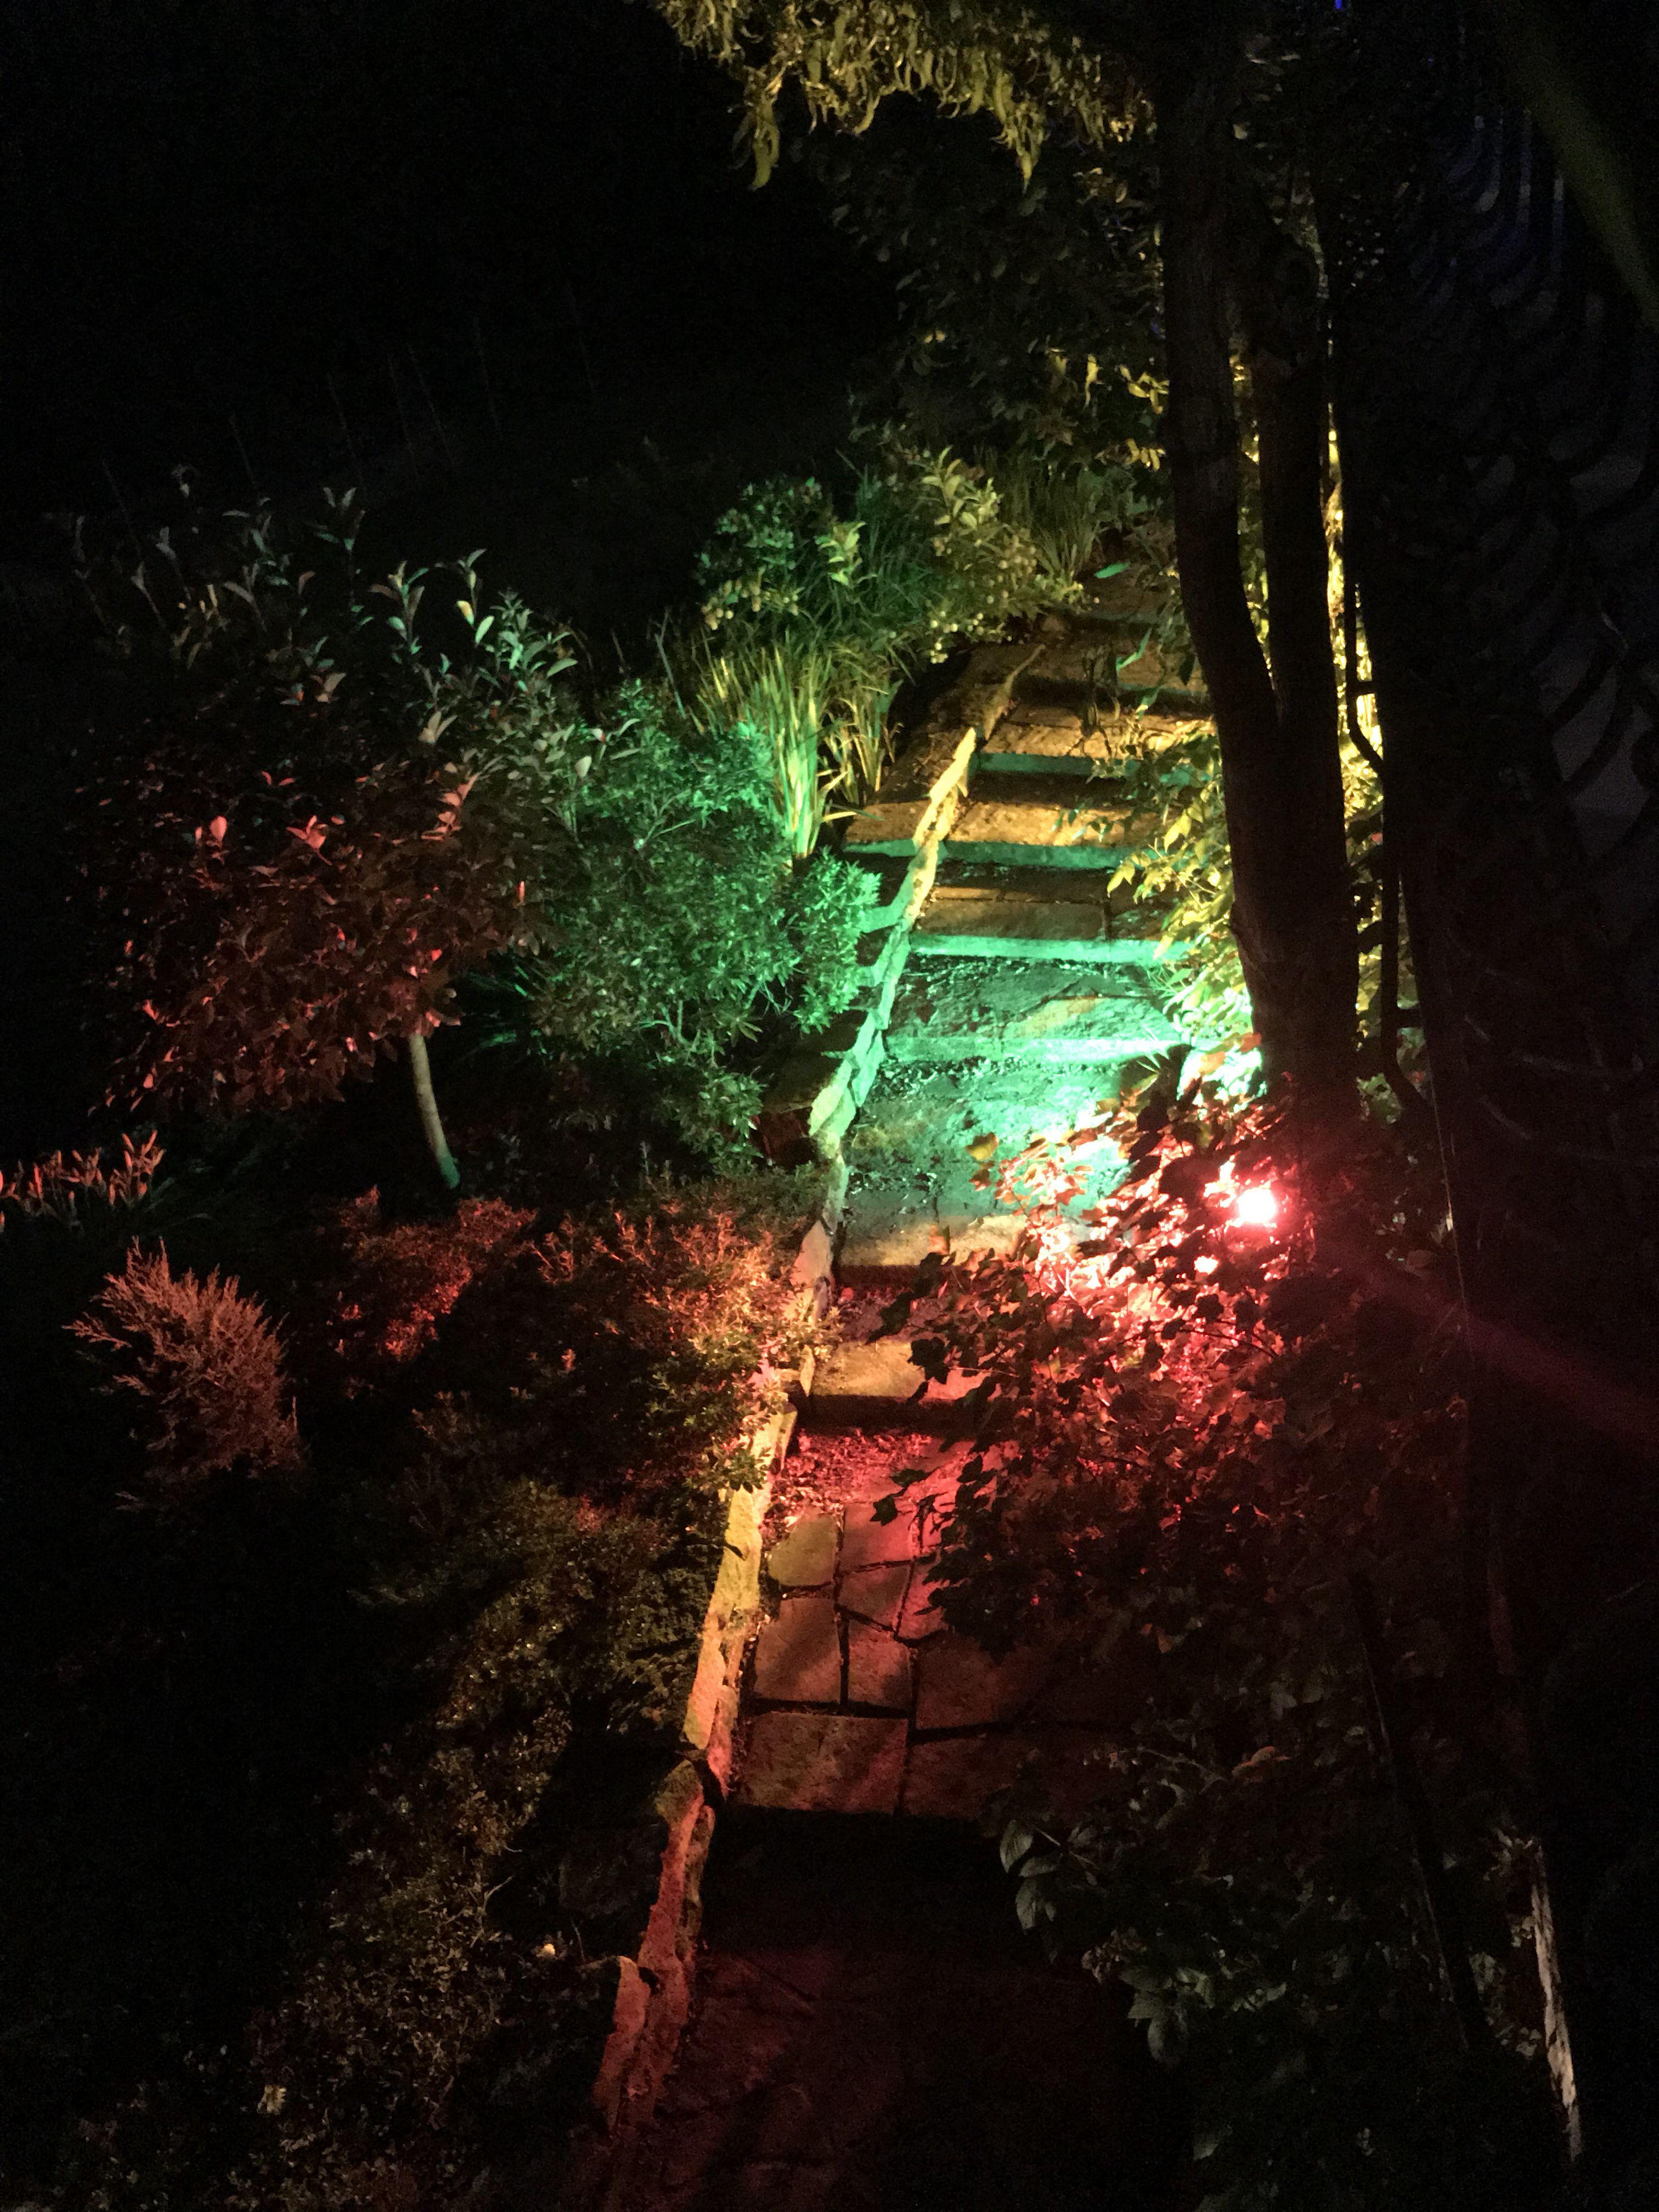 Led Lampen Gartenideen Gartendeko Sommer Jc Lightdesigns